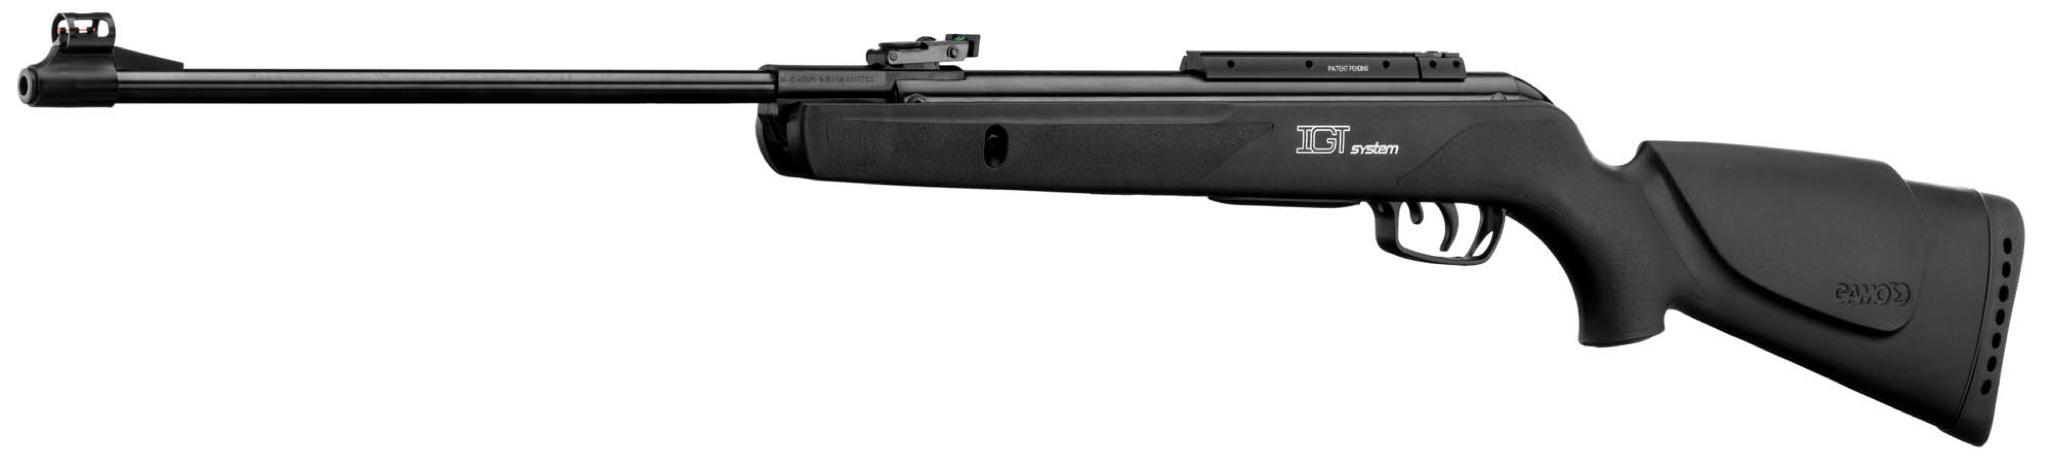 carabine-igt